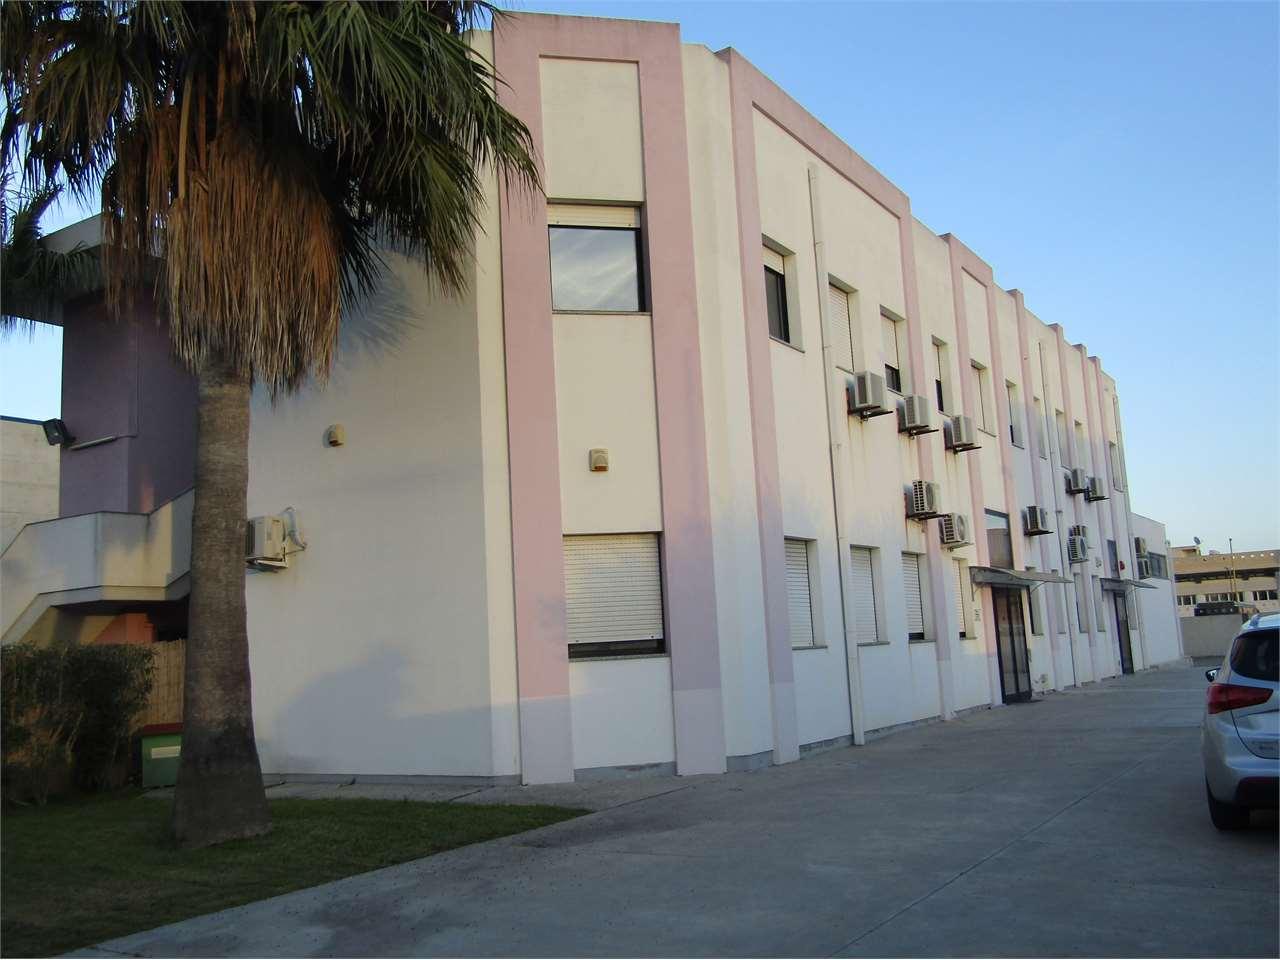 Ufficio / Studio in vendita a Elmas, 20 locali, Trattative riservate | CambioCasa.it